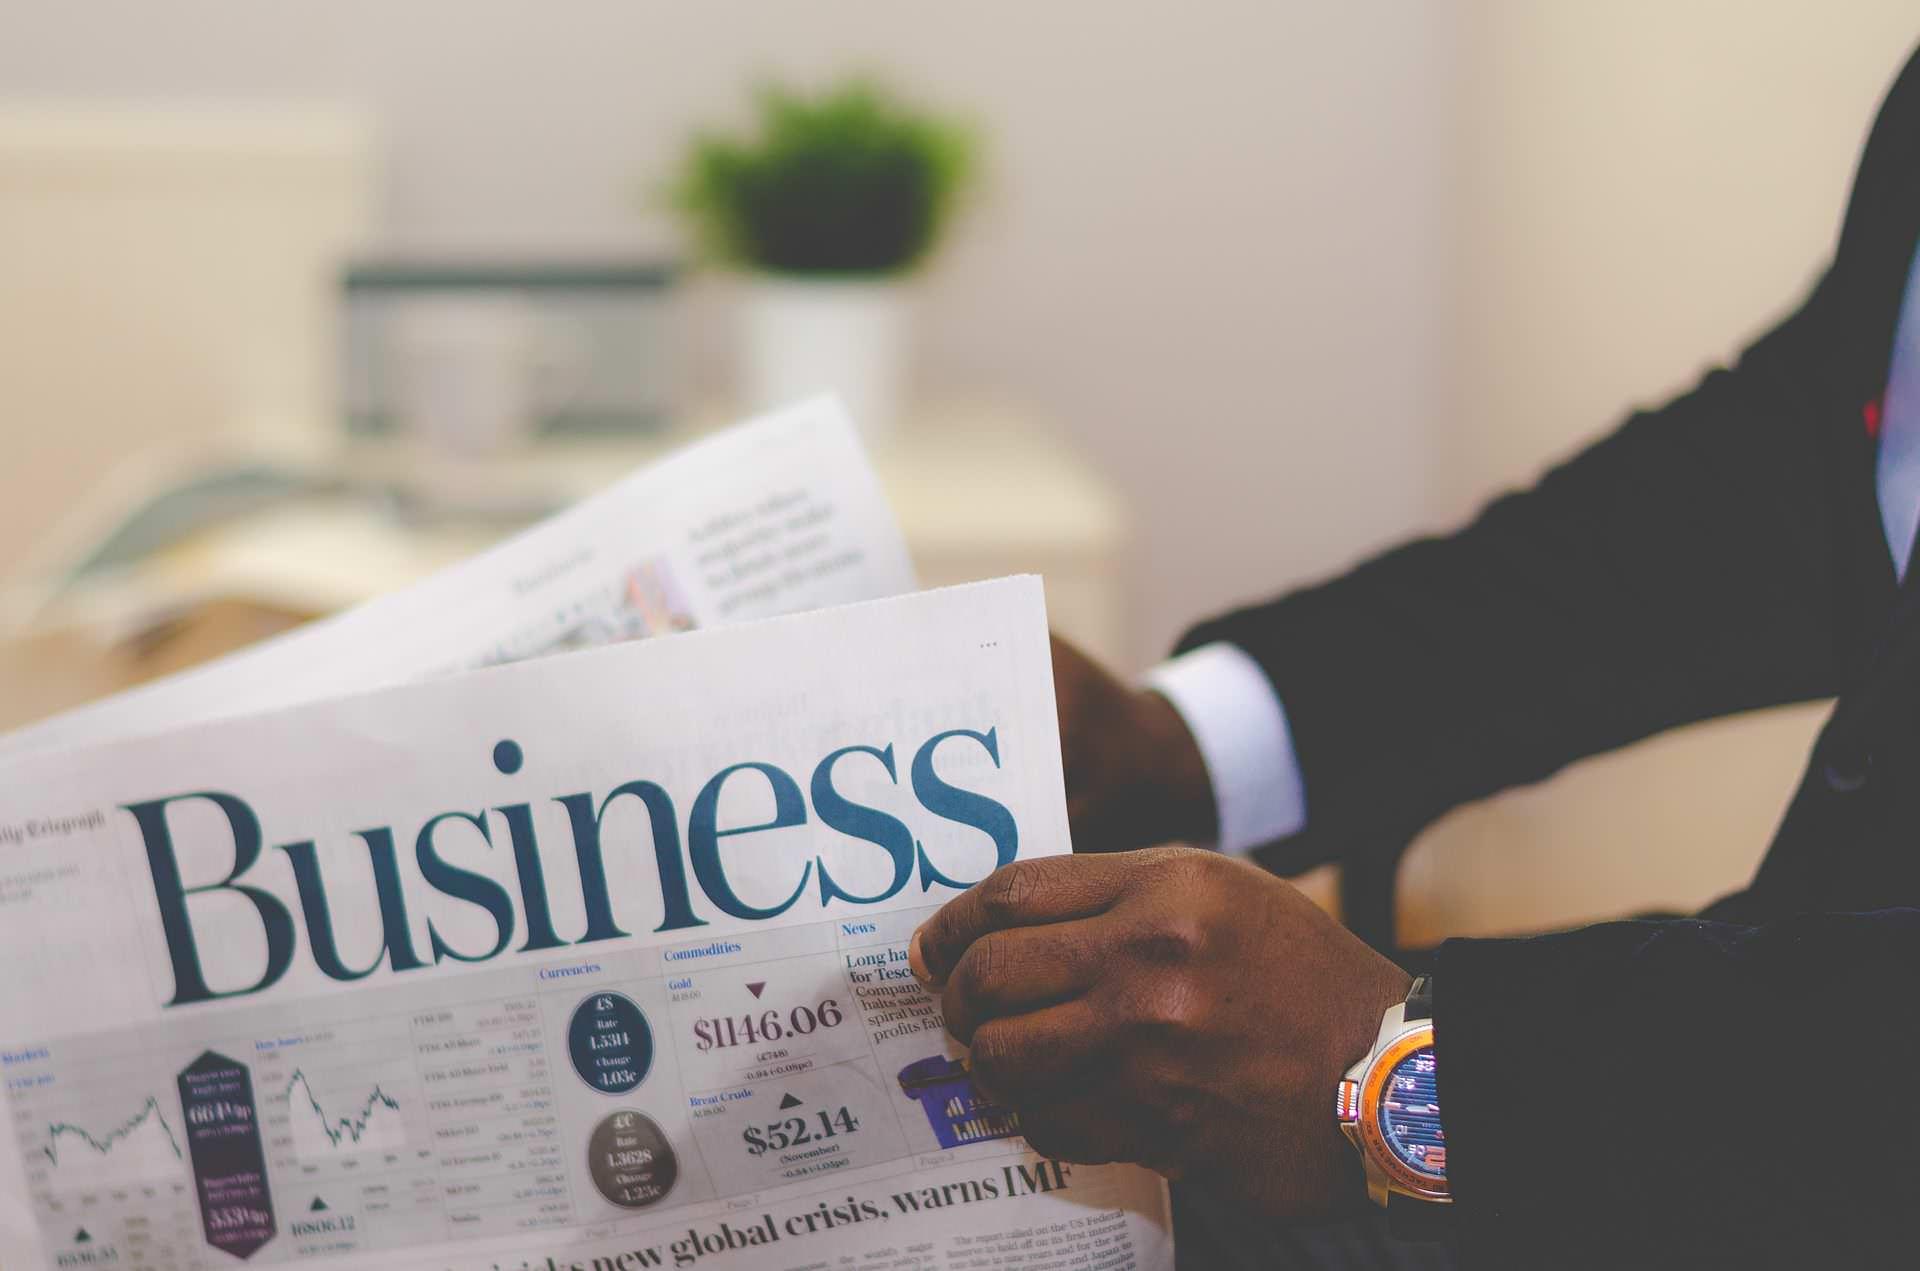 Business Zeitungs-Anzeige in Bad Krozingen, Staufen, Rottweil und Emmendingen